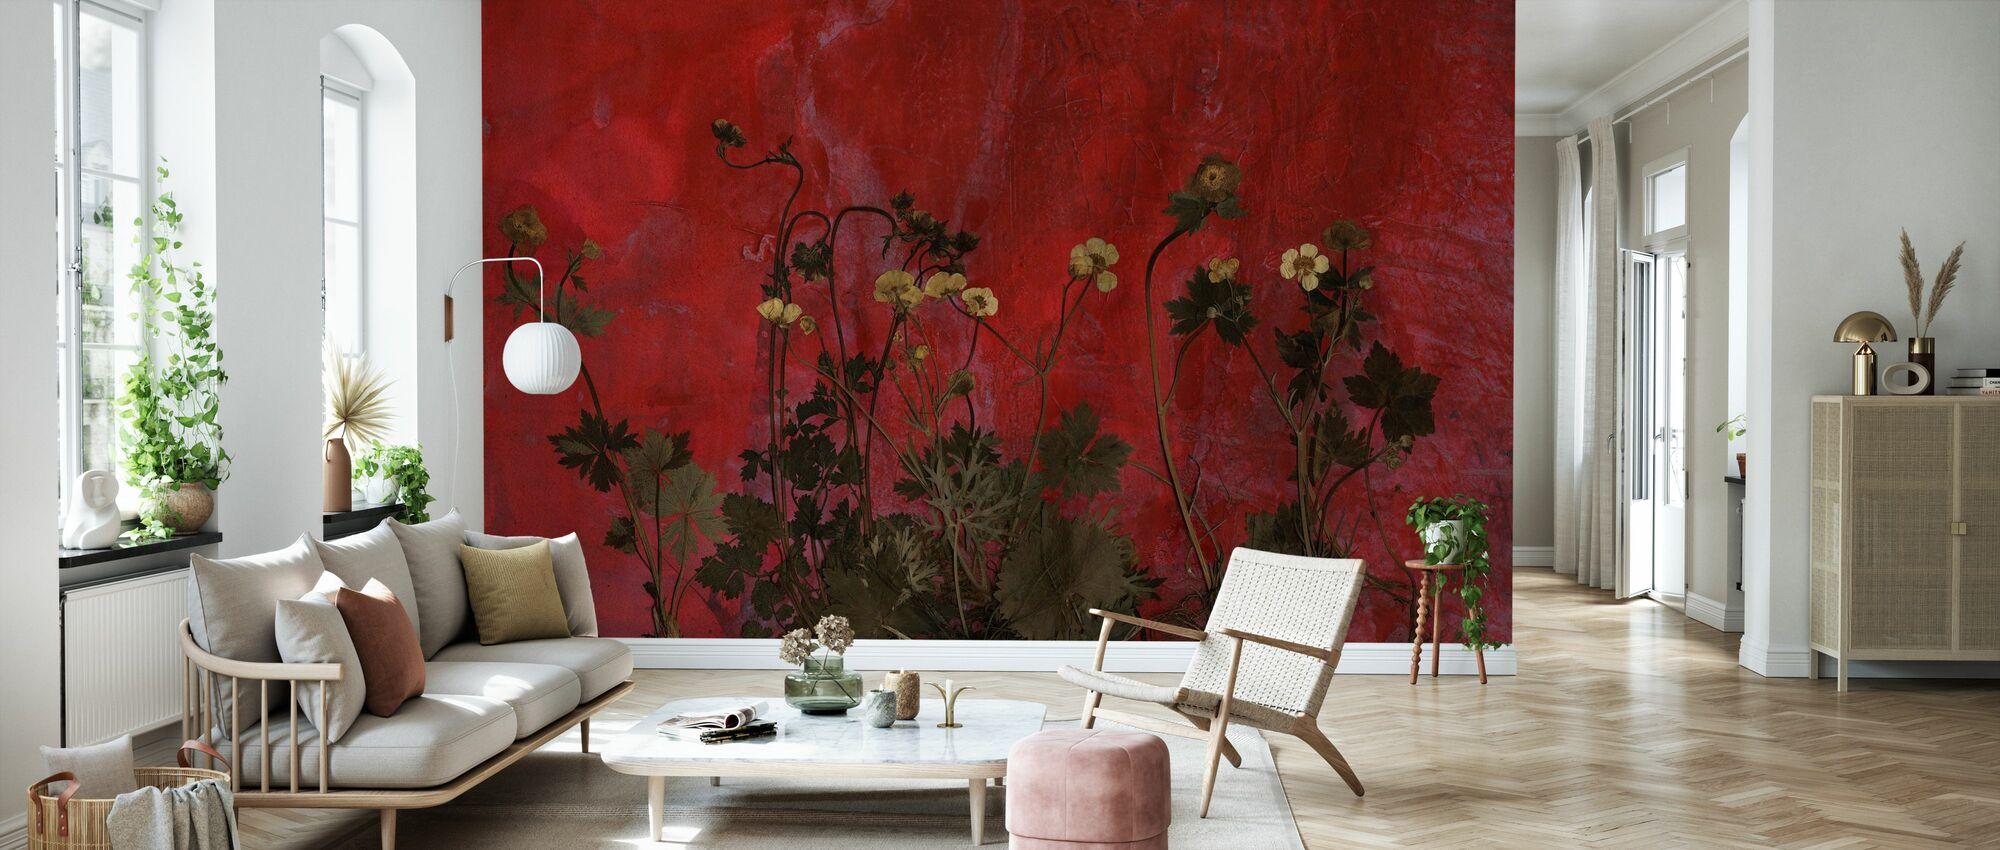 Meadow - Wallpaper - Living Room